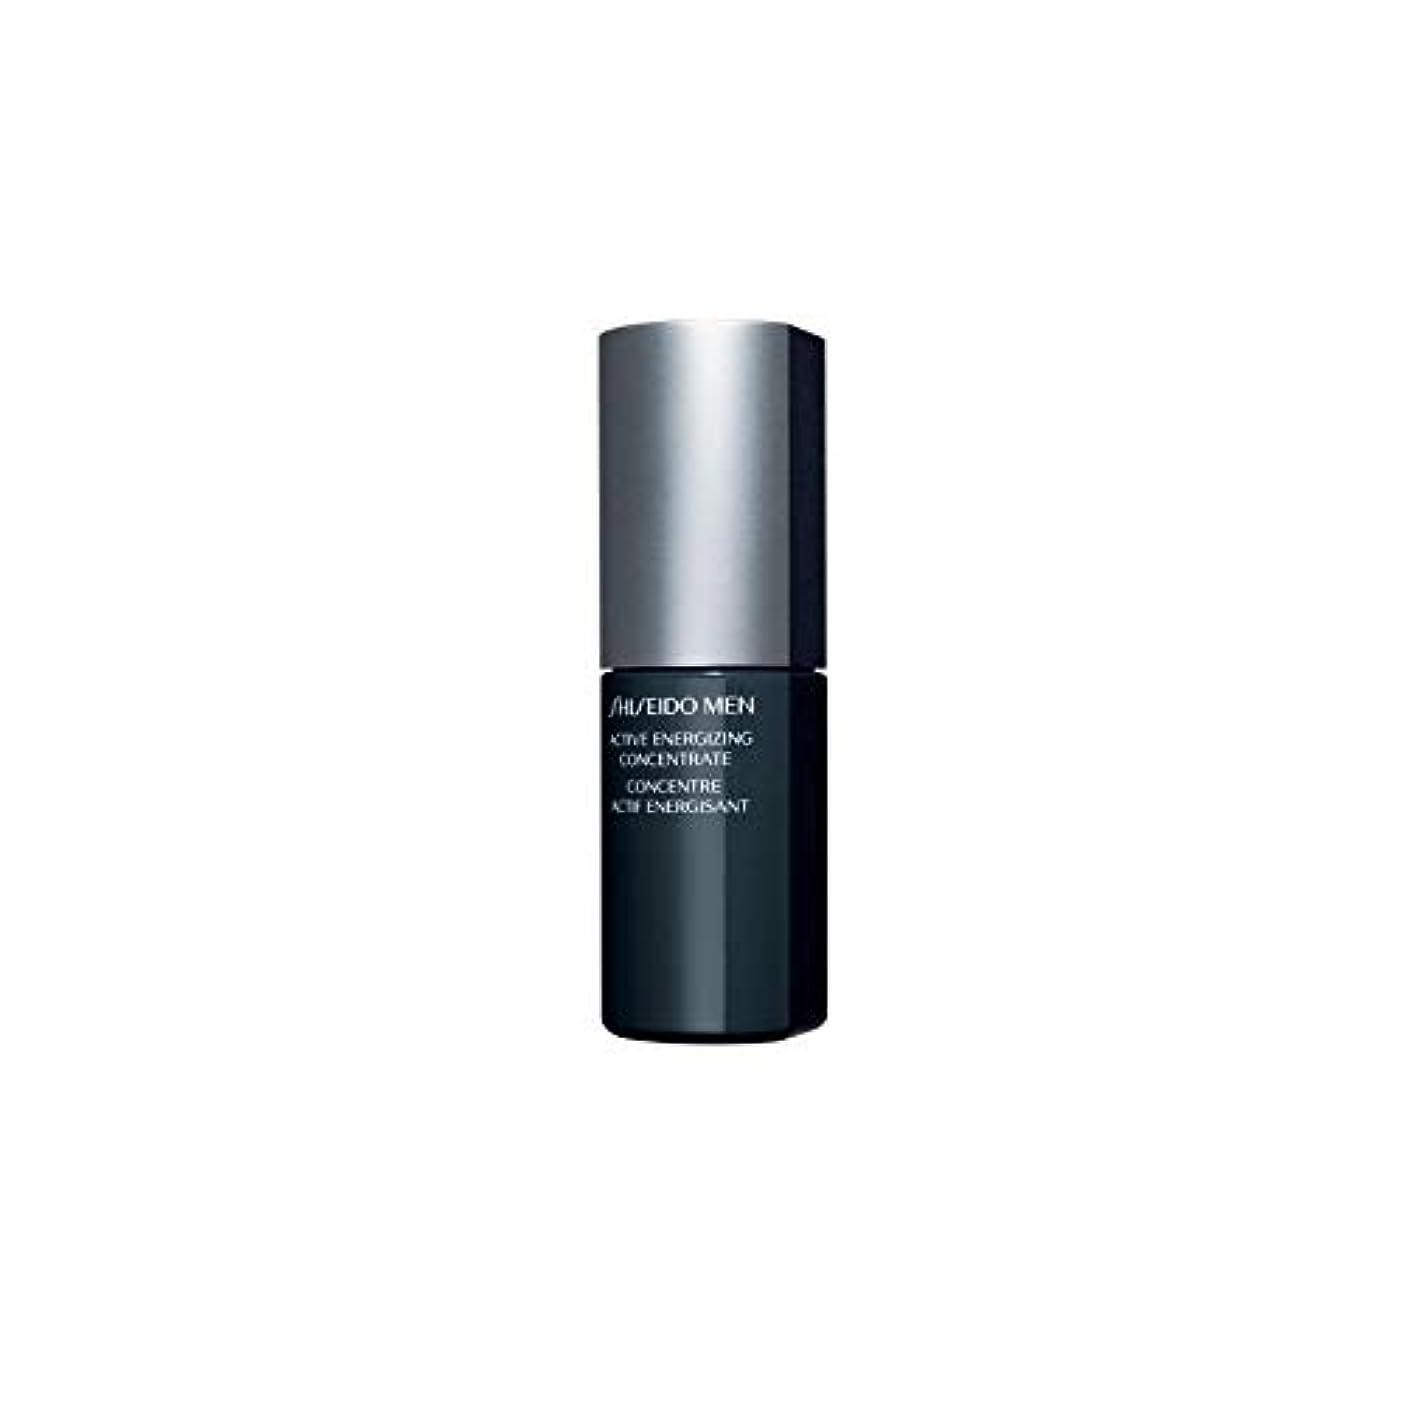 相対性理論上にマリン[Shiseido ] 資生堂メンズアクティブ通電濃縮液(50ミリリットル) - Shiseido Mens Active Energizing Concentrate (50ml) [並行輸入品]